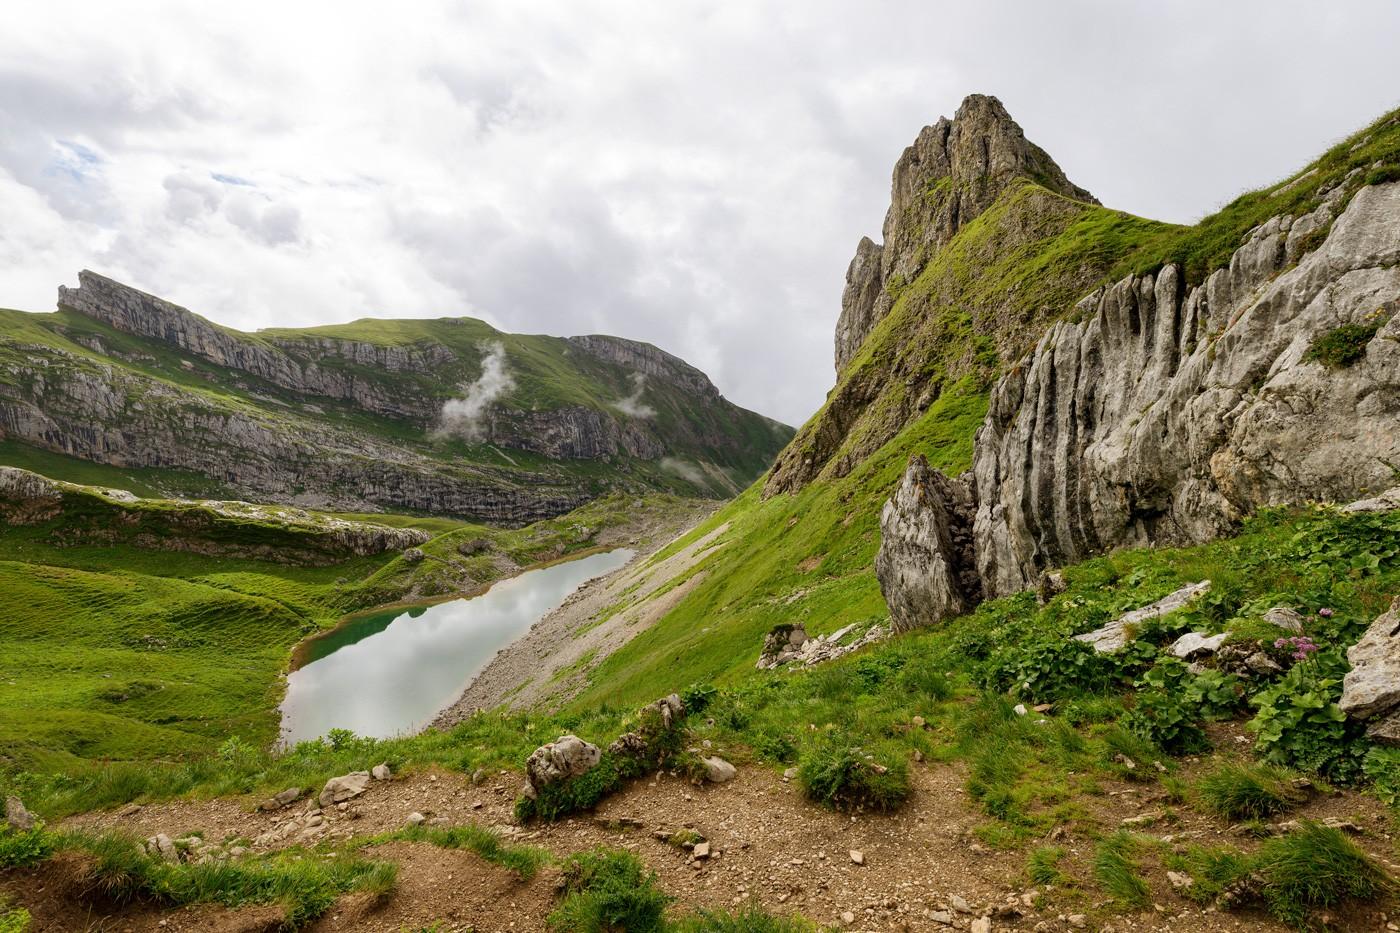 Grubersee Österreich Tirol Rofangebirge